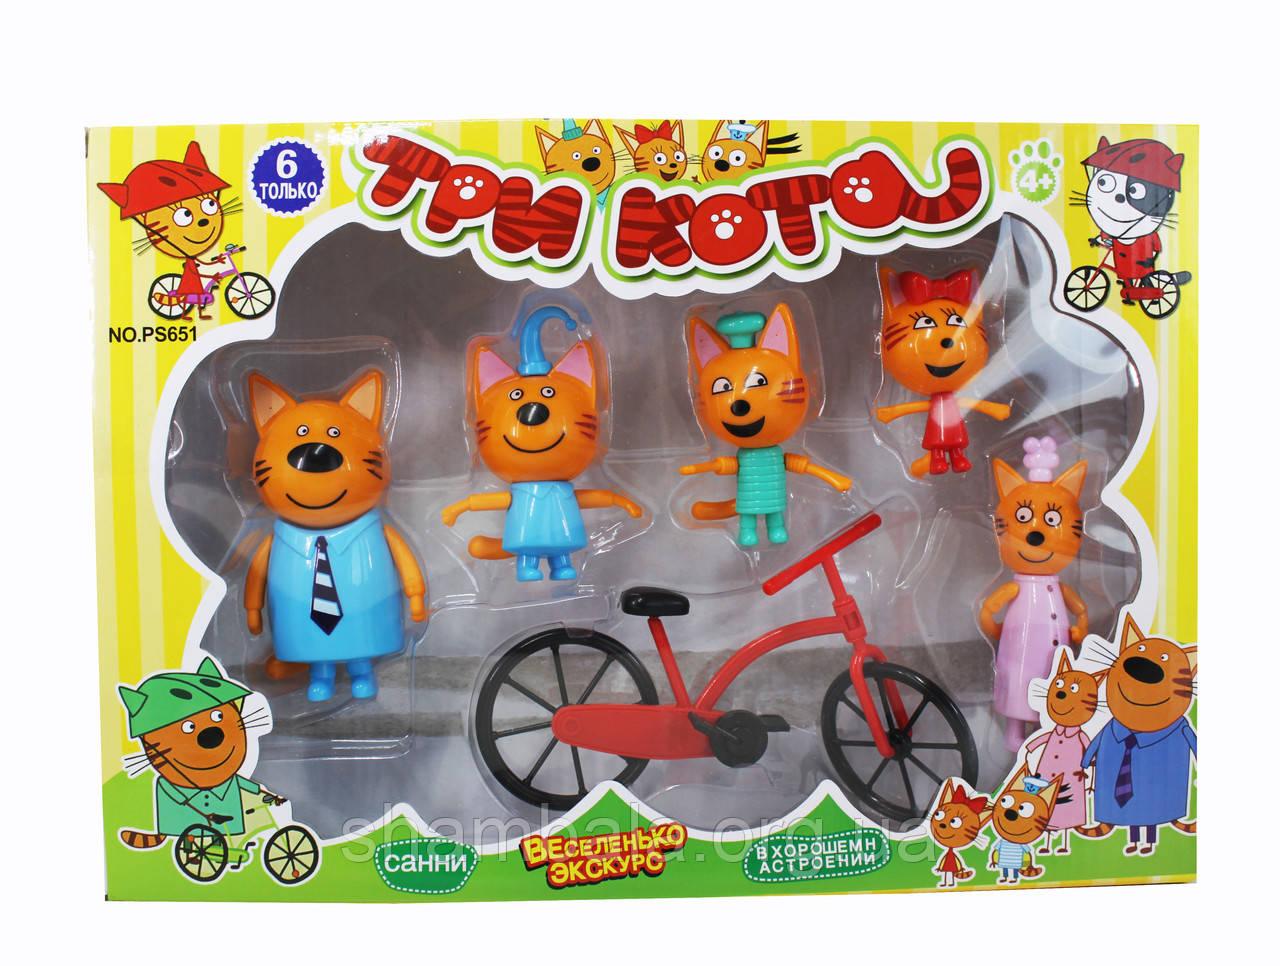 """Игровой набор A-Toys """"Три кота Веселенько Экскурс"""" (073965)"""